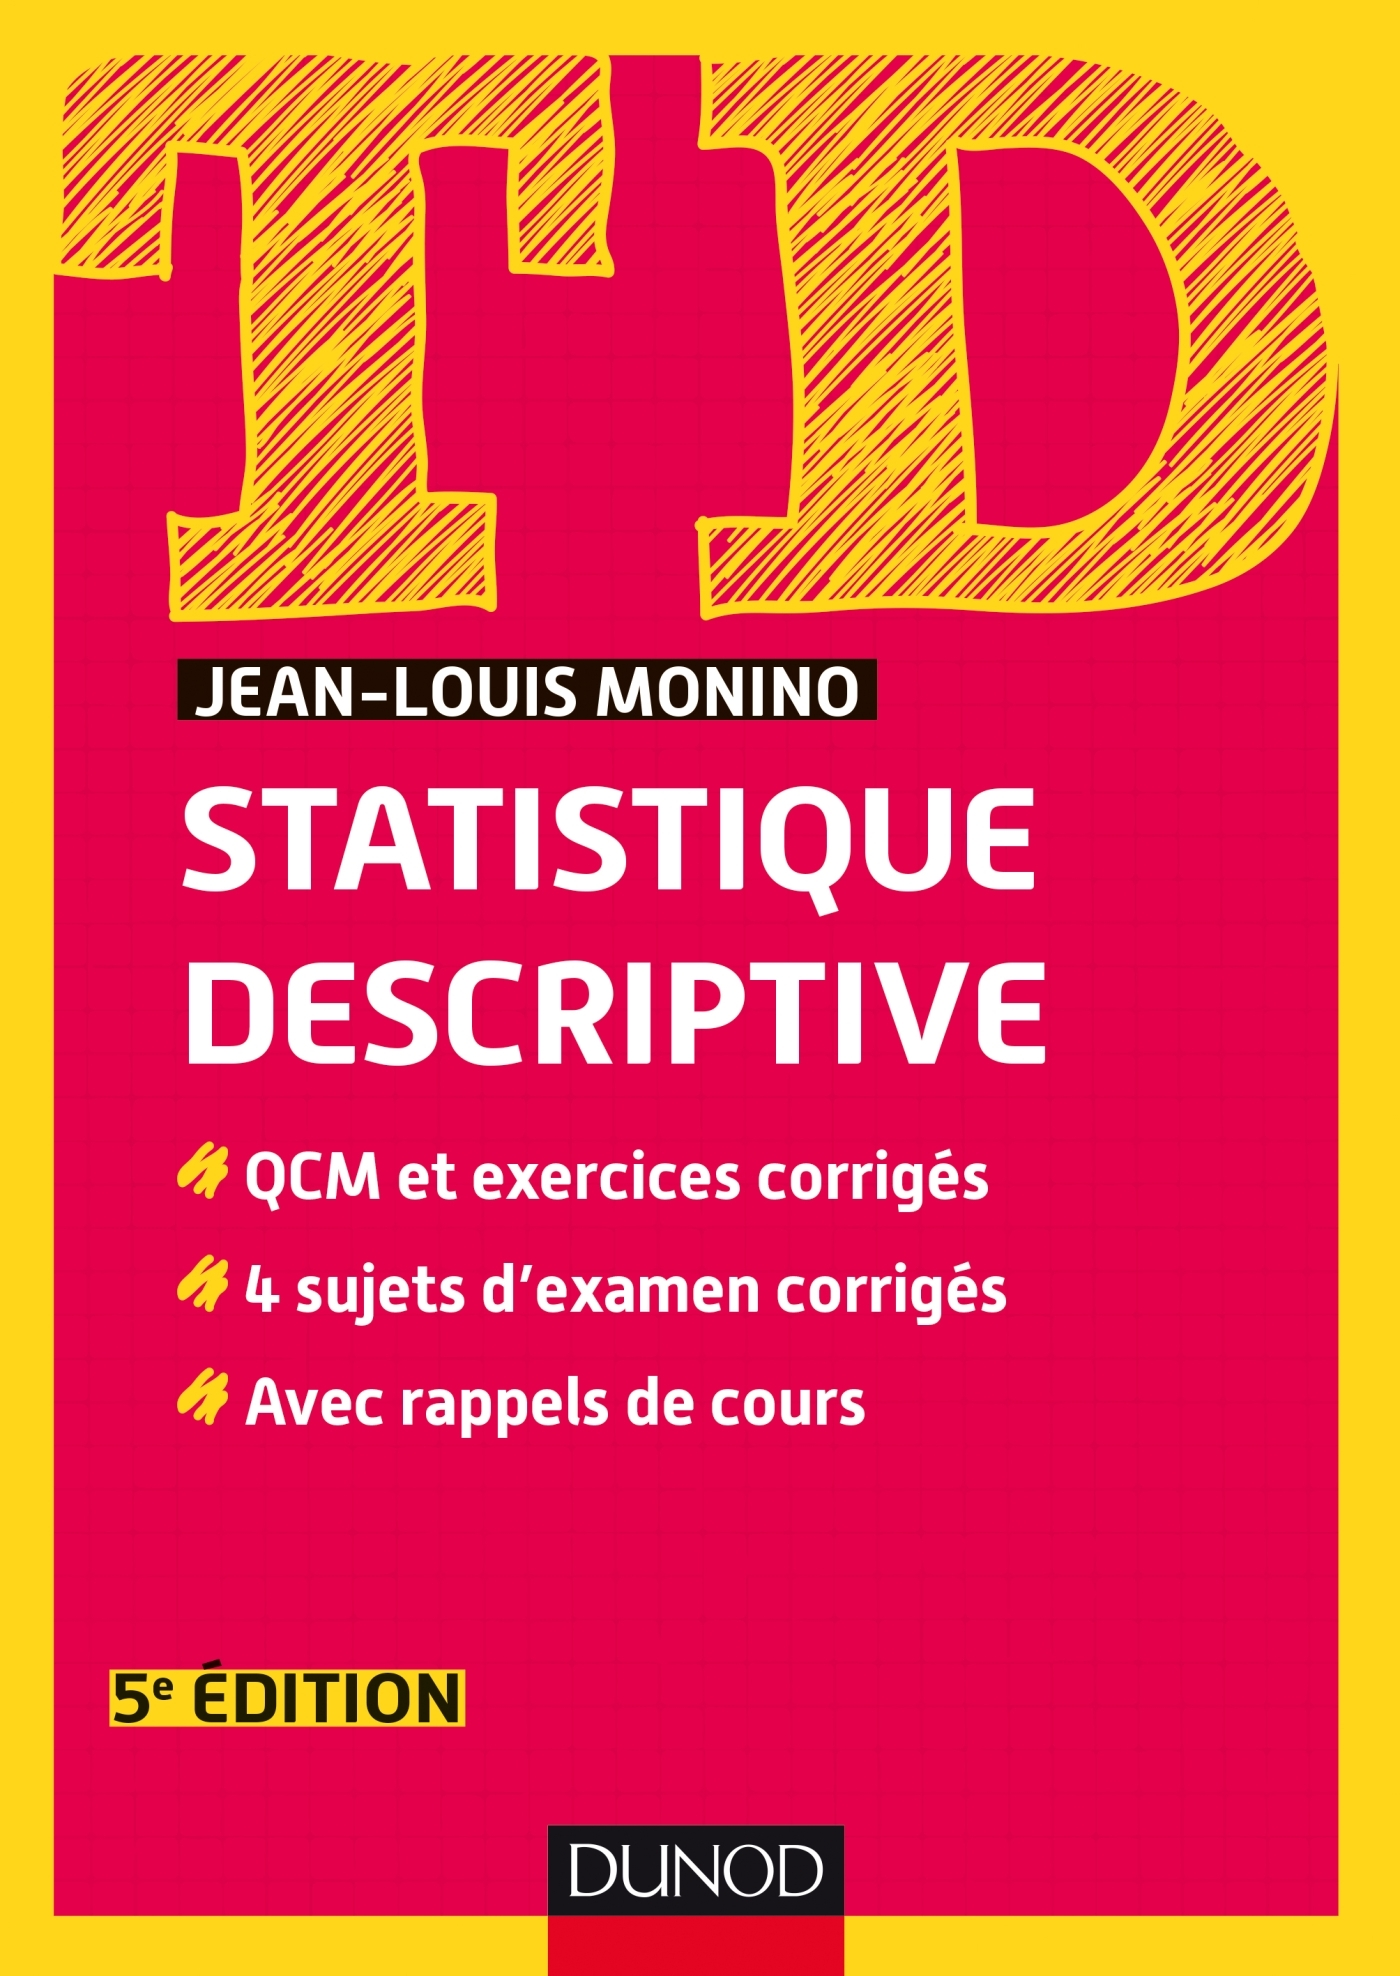 TD de statistique descriptive - QCM et exercices corrigés, 4 sujets d'examen corrigés, avec ...